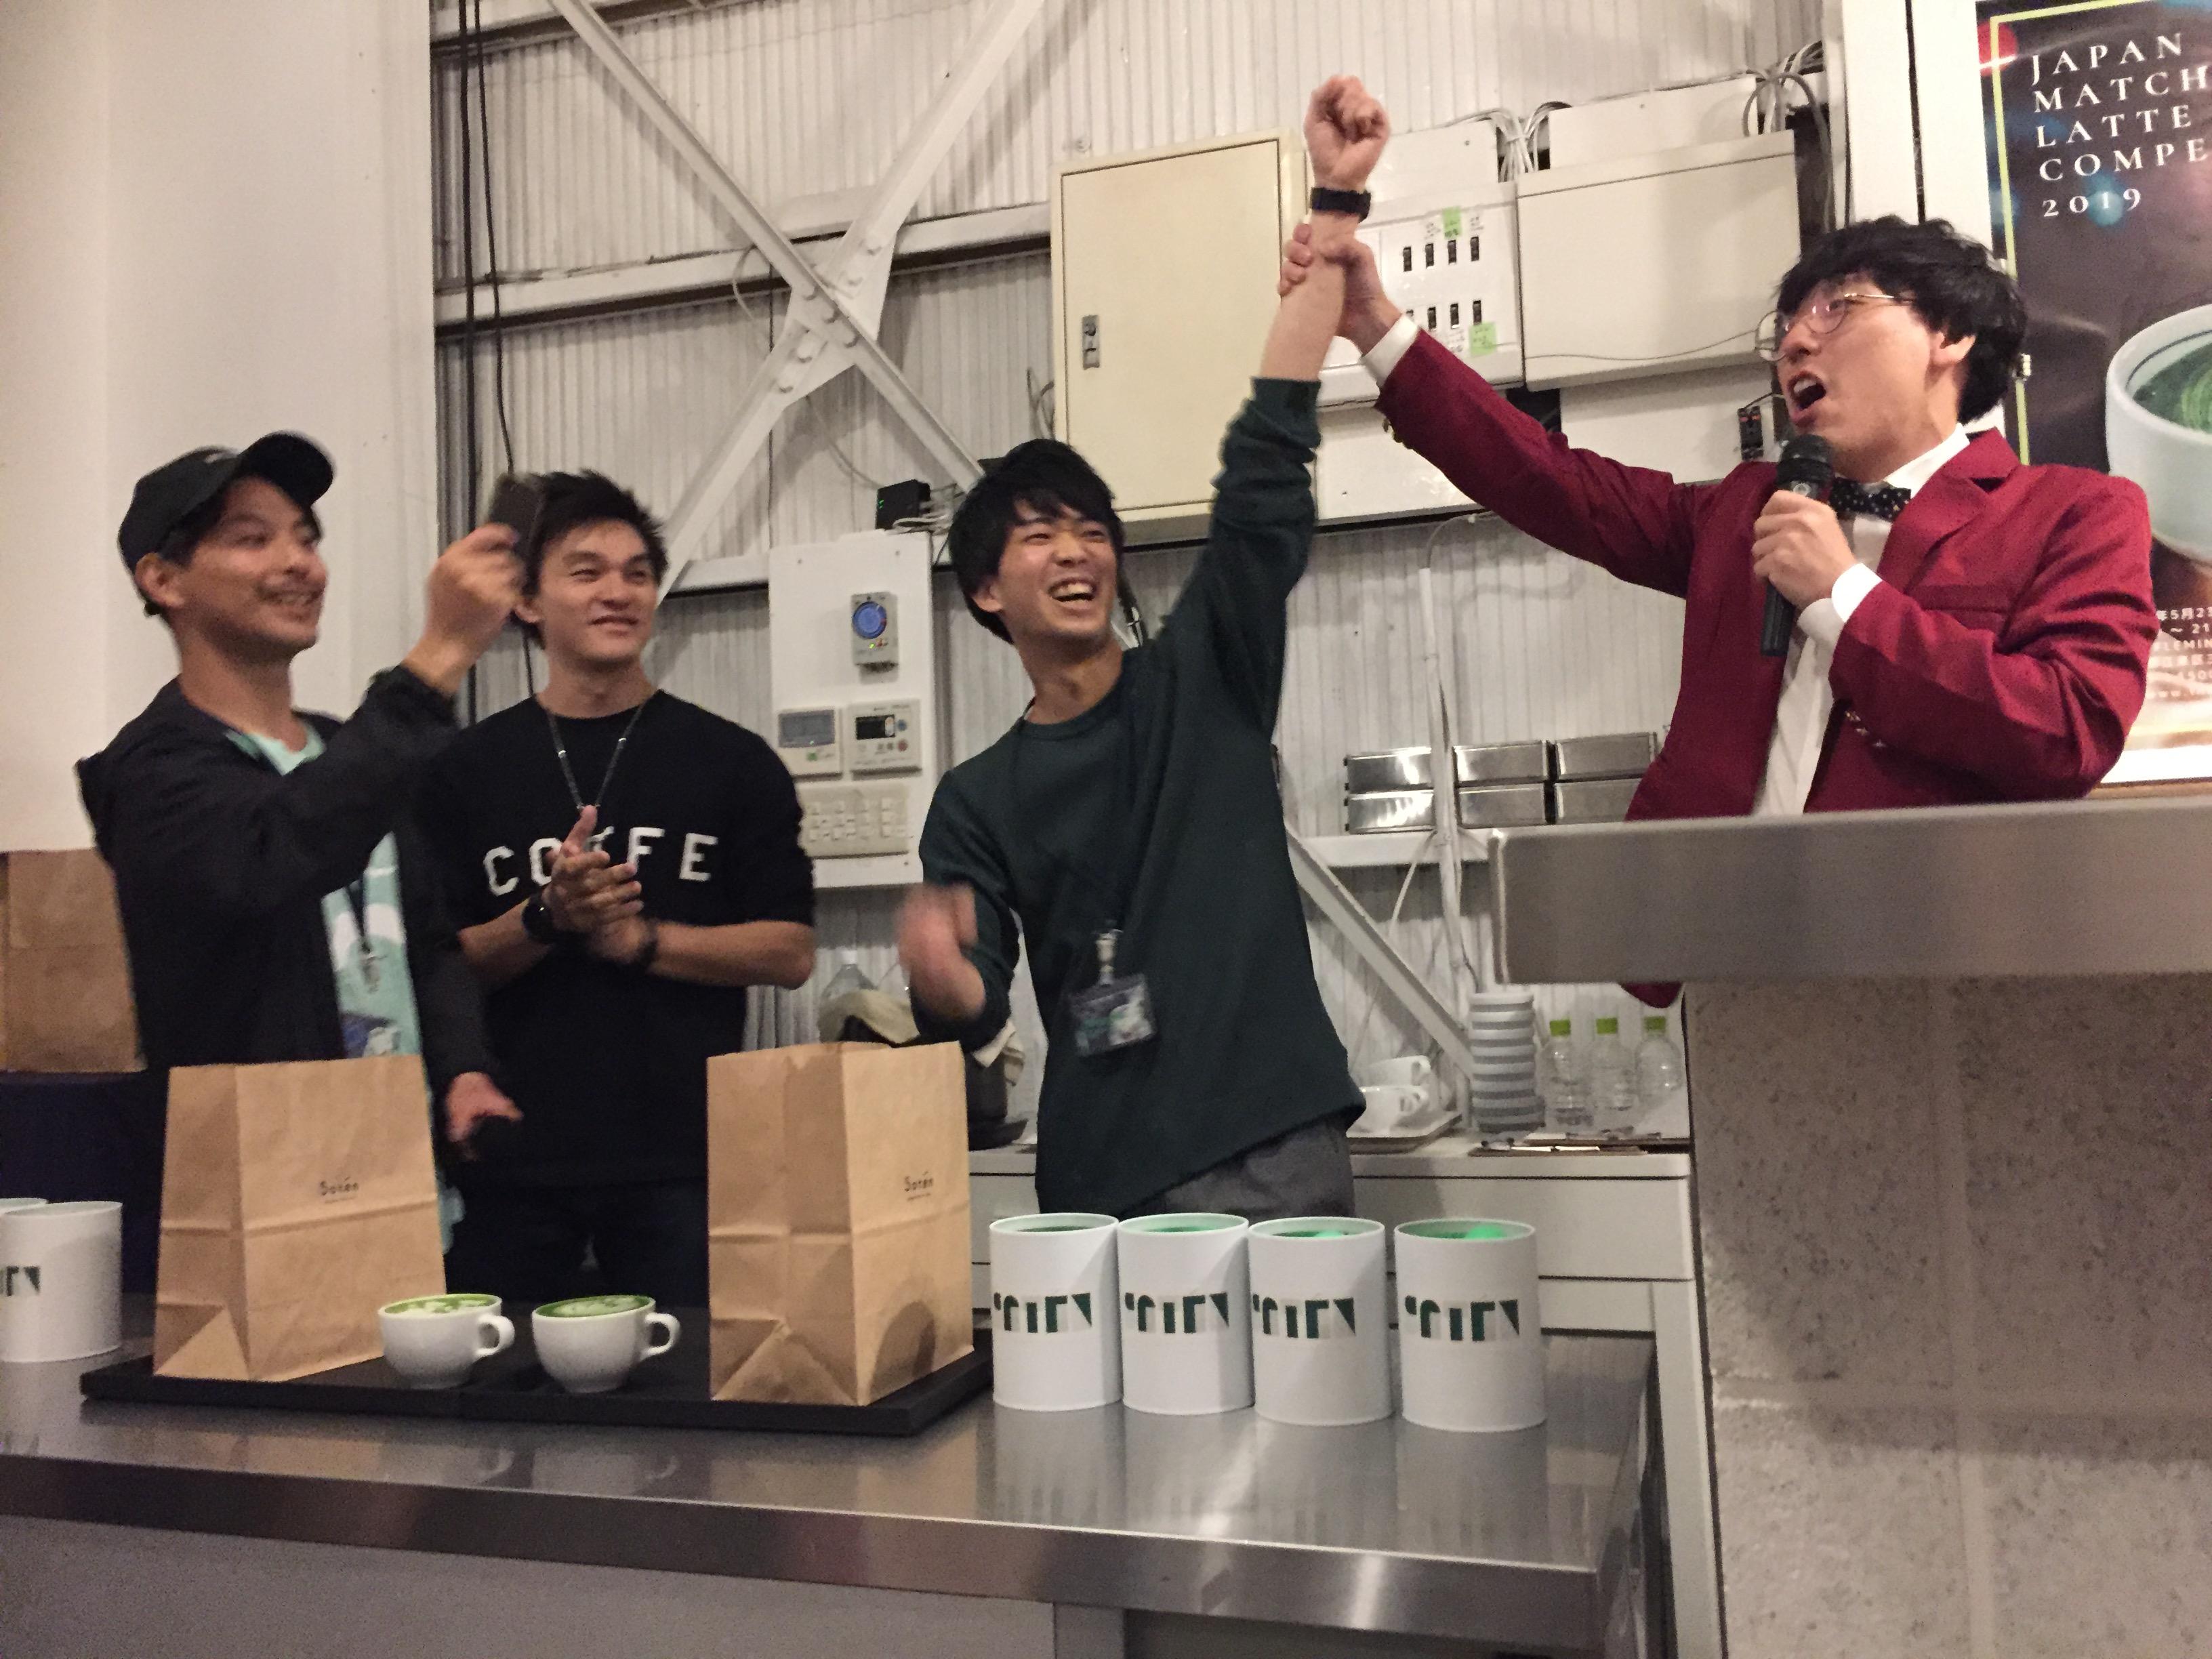 世界初の抹茶ラテアート大会『 Japan Matcha Latte Art Competition 2019』レポートと結果